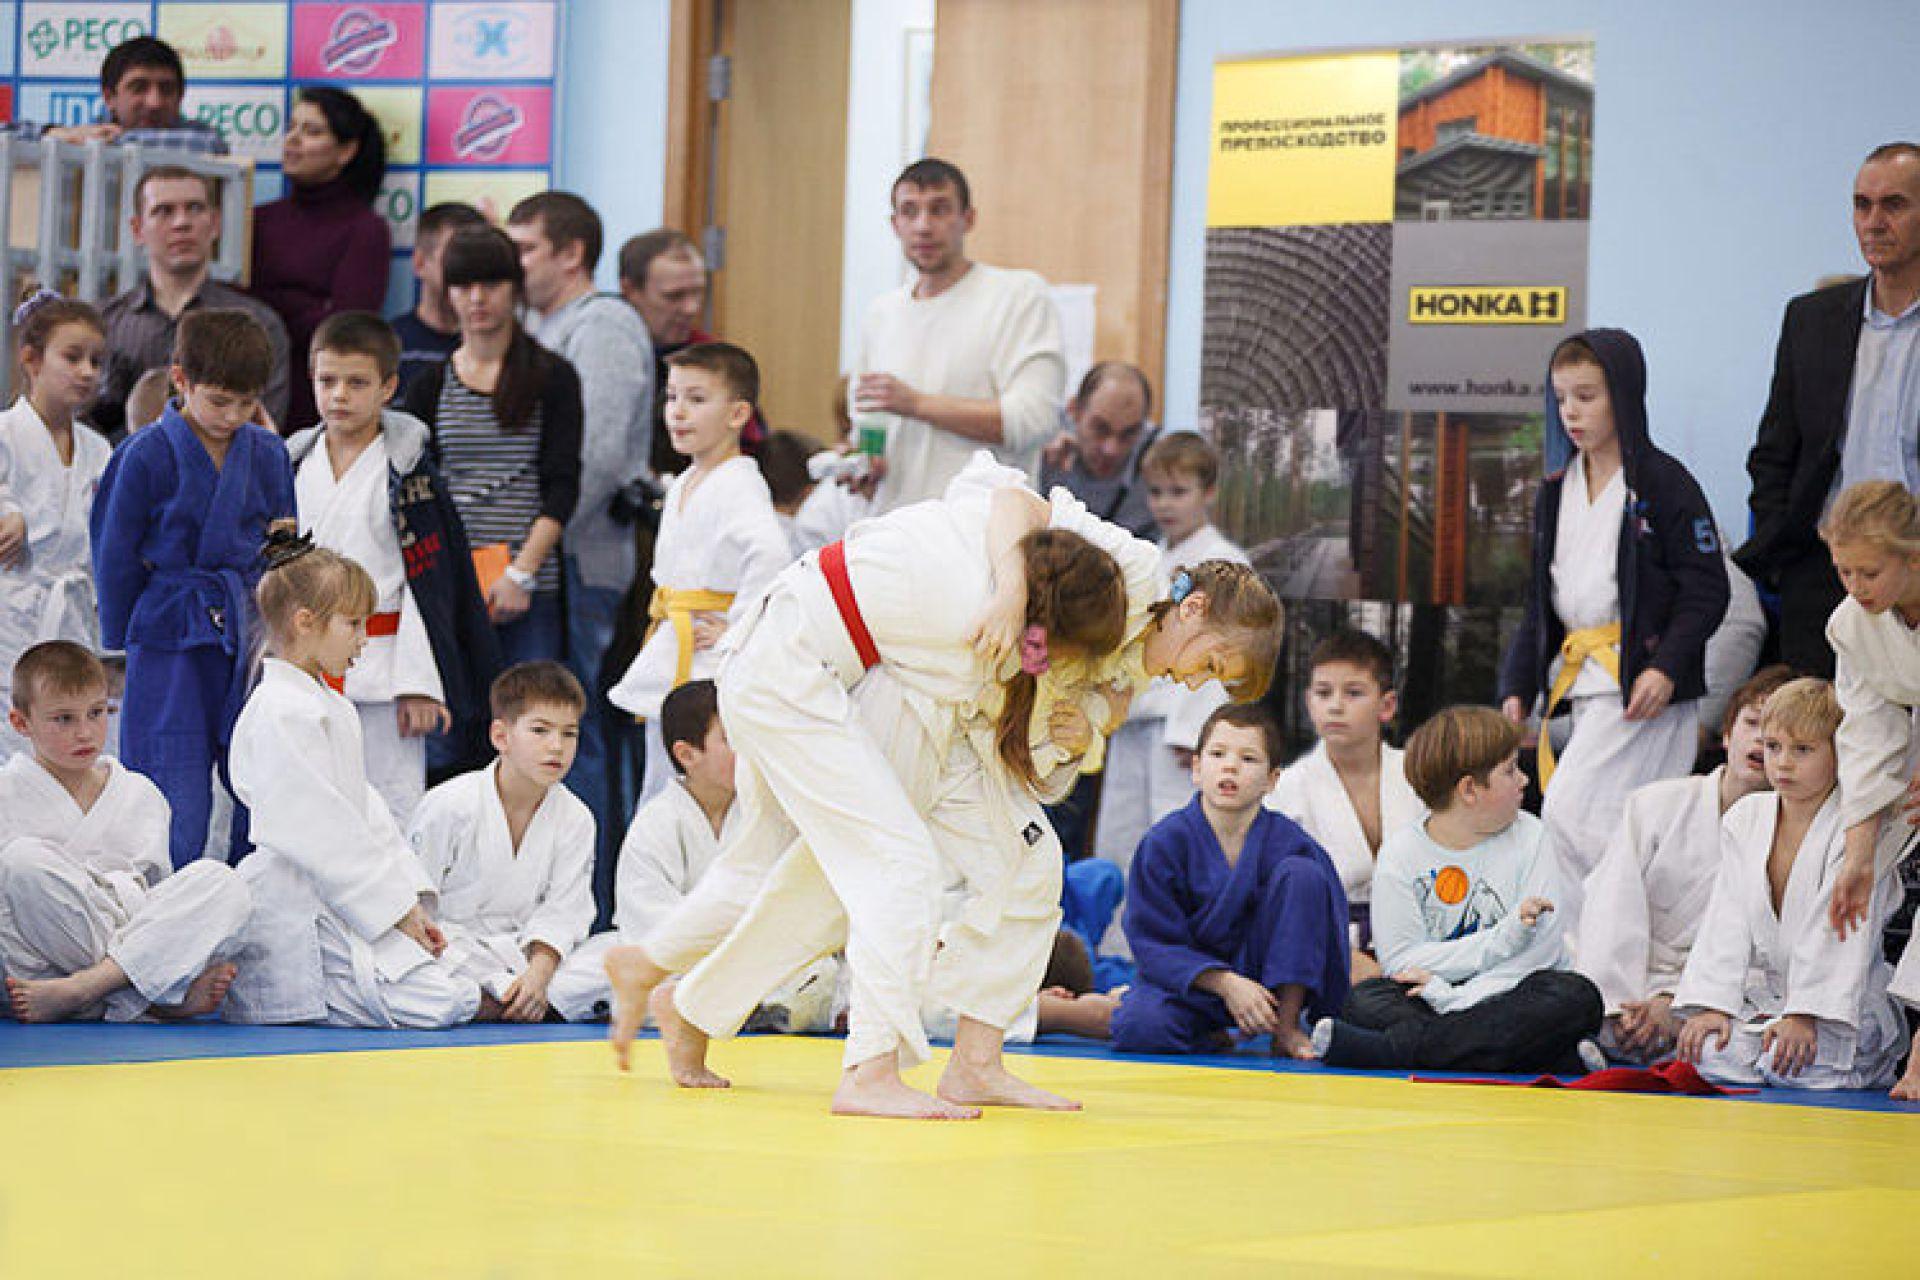 HONKA поддержала Всероссийский турнир по детскому дзюдо